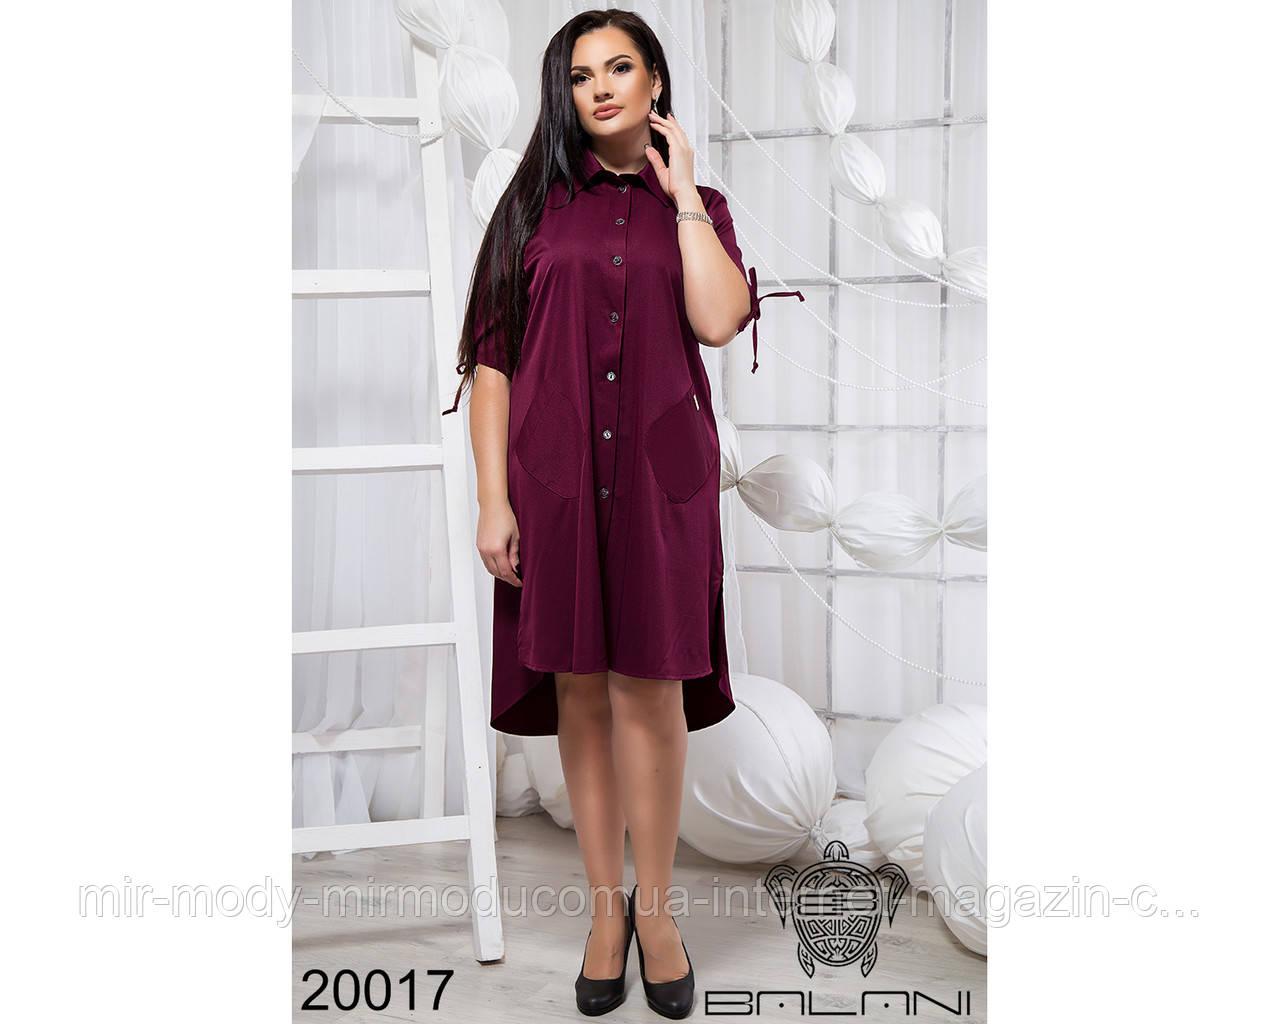 Стильное платье с открытыми плечами - 20017 с 48 по 56 размер бн